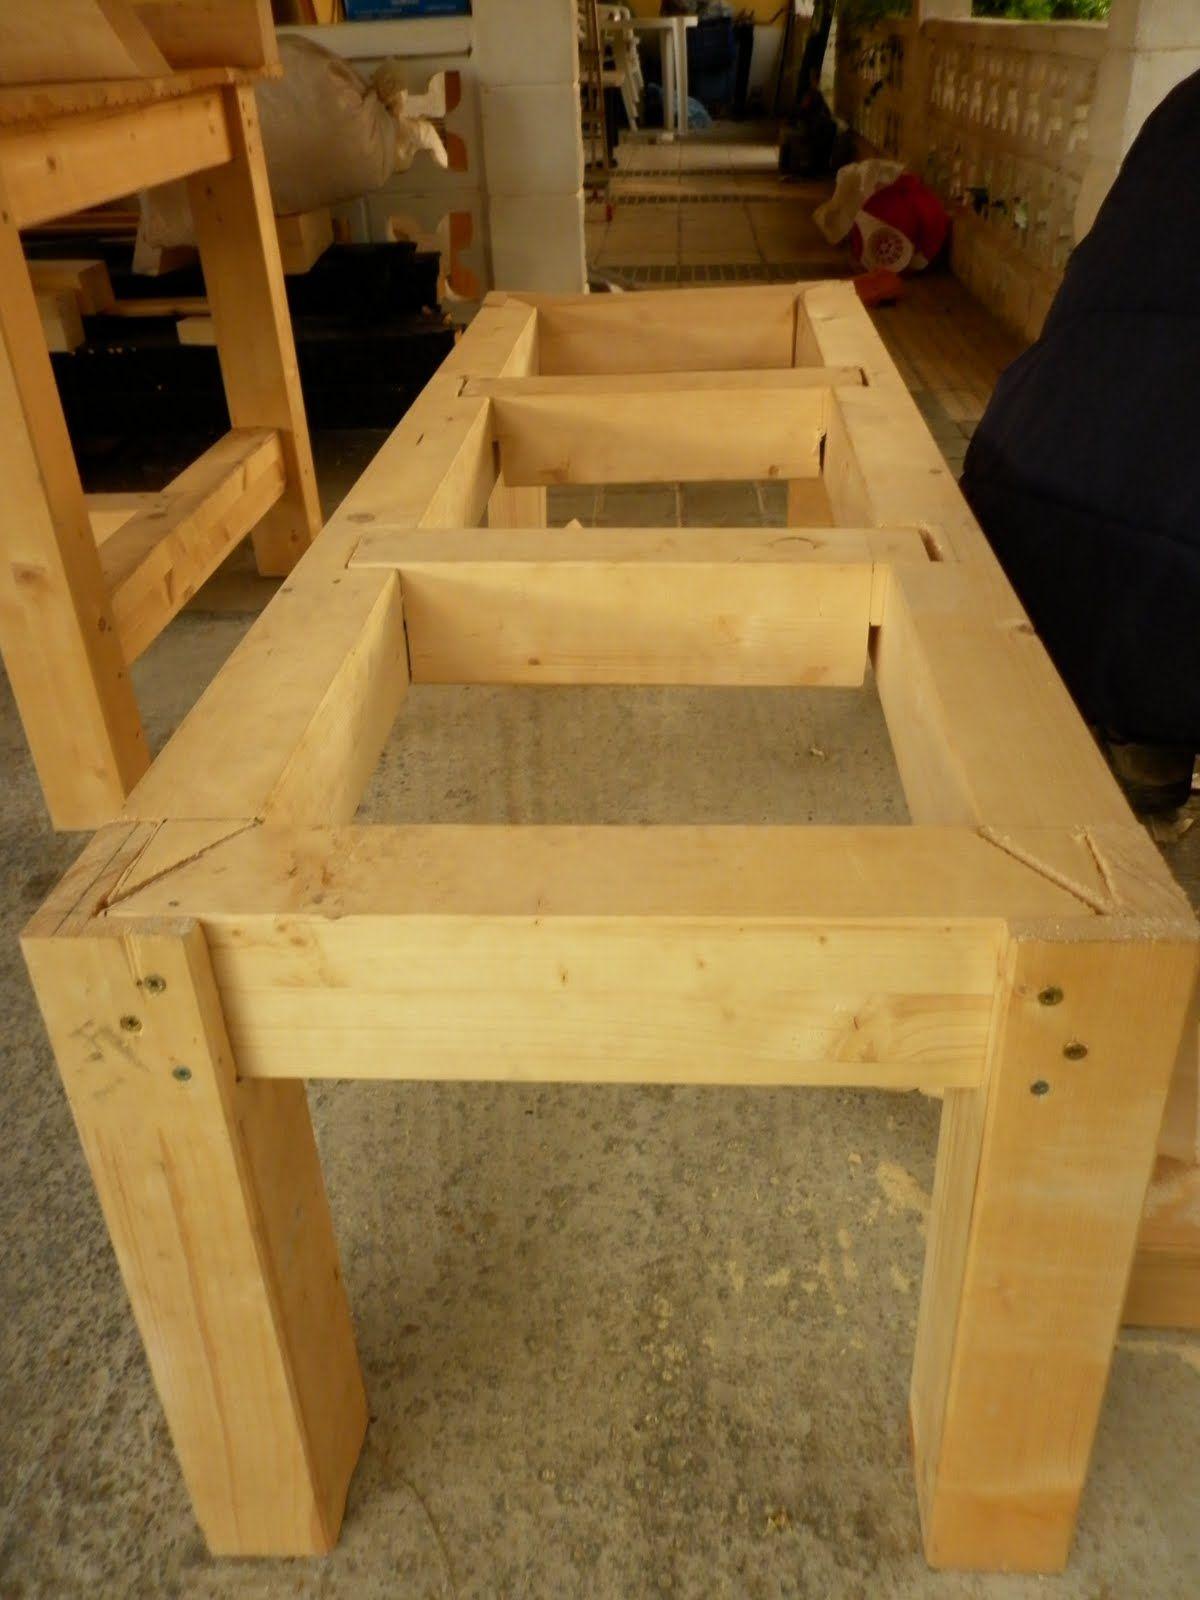 esqueleto de banqueta paso a paso - Buscar con Google | Wood shop,  Woodworking, Step stool